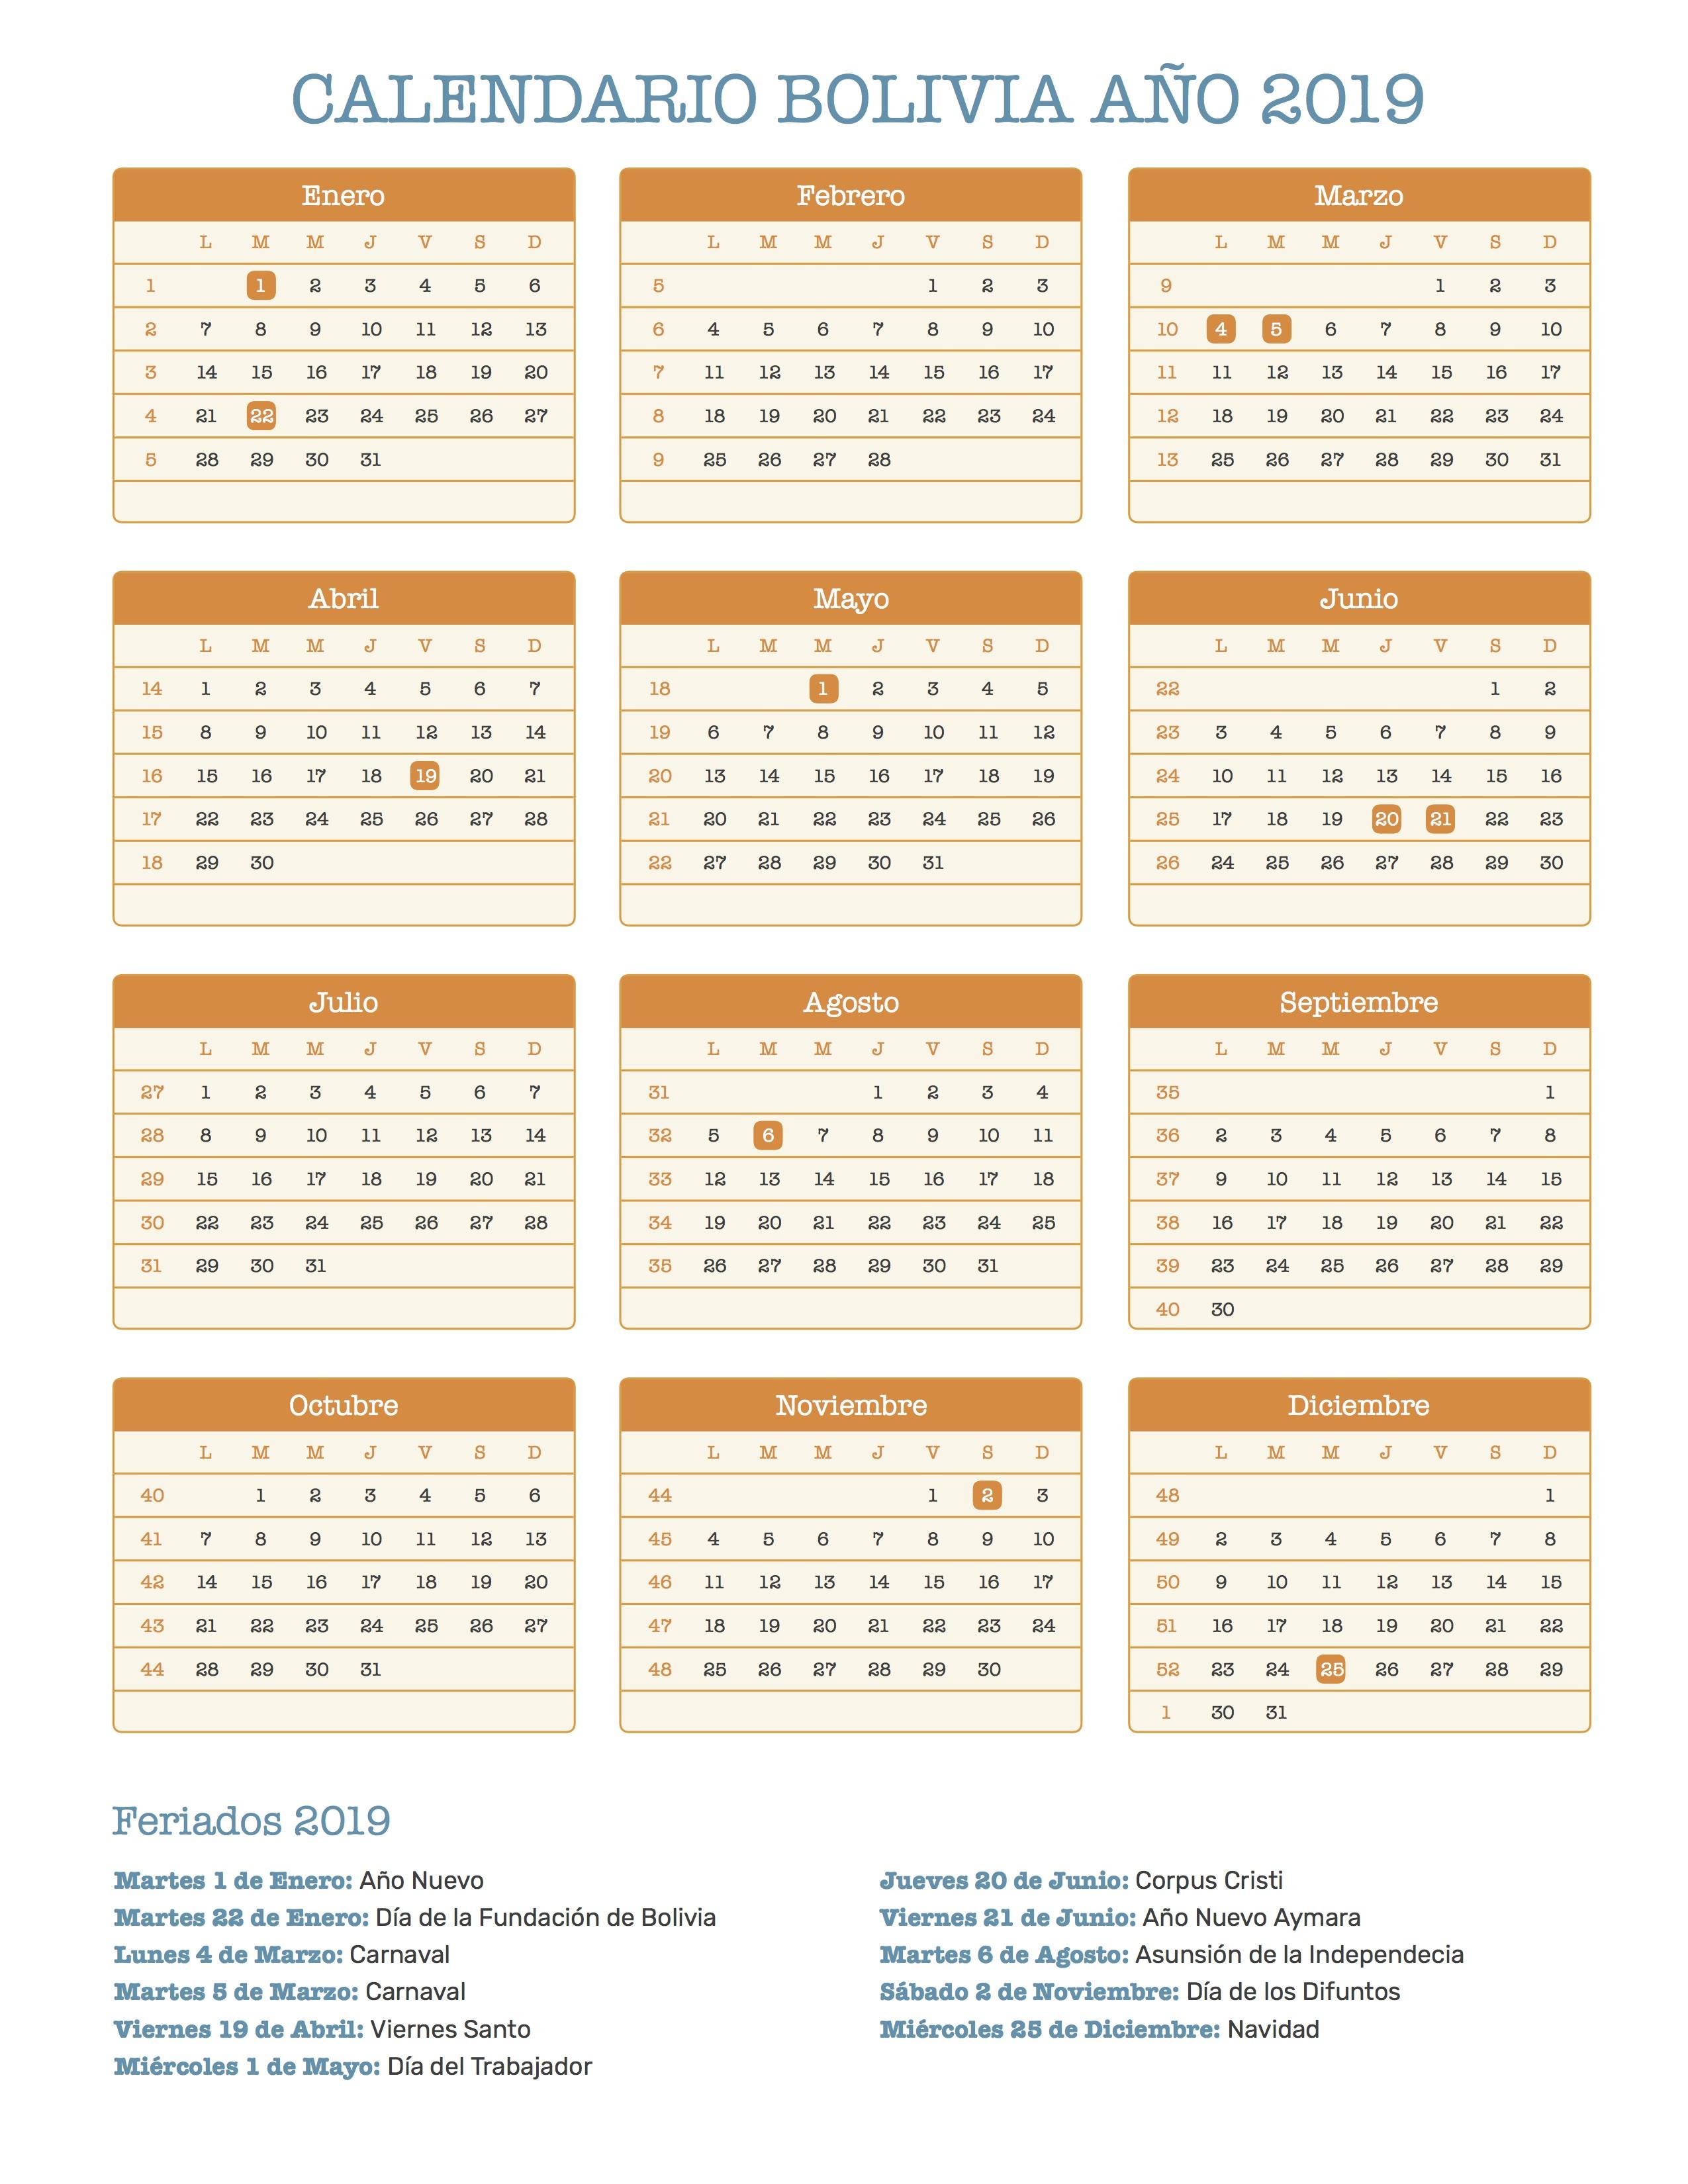 Calendario 20019 Con Festivos.Calendario De Bolivia Ano 2019 Feriados